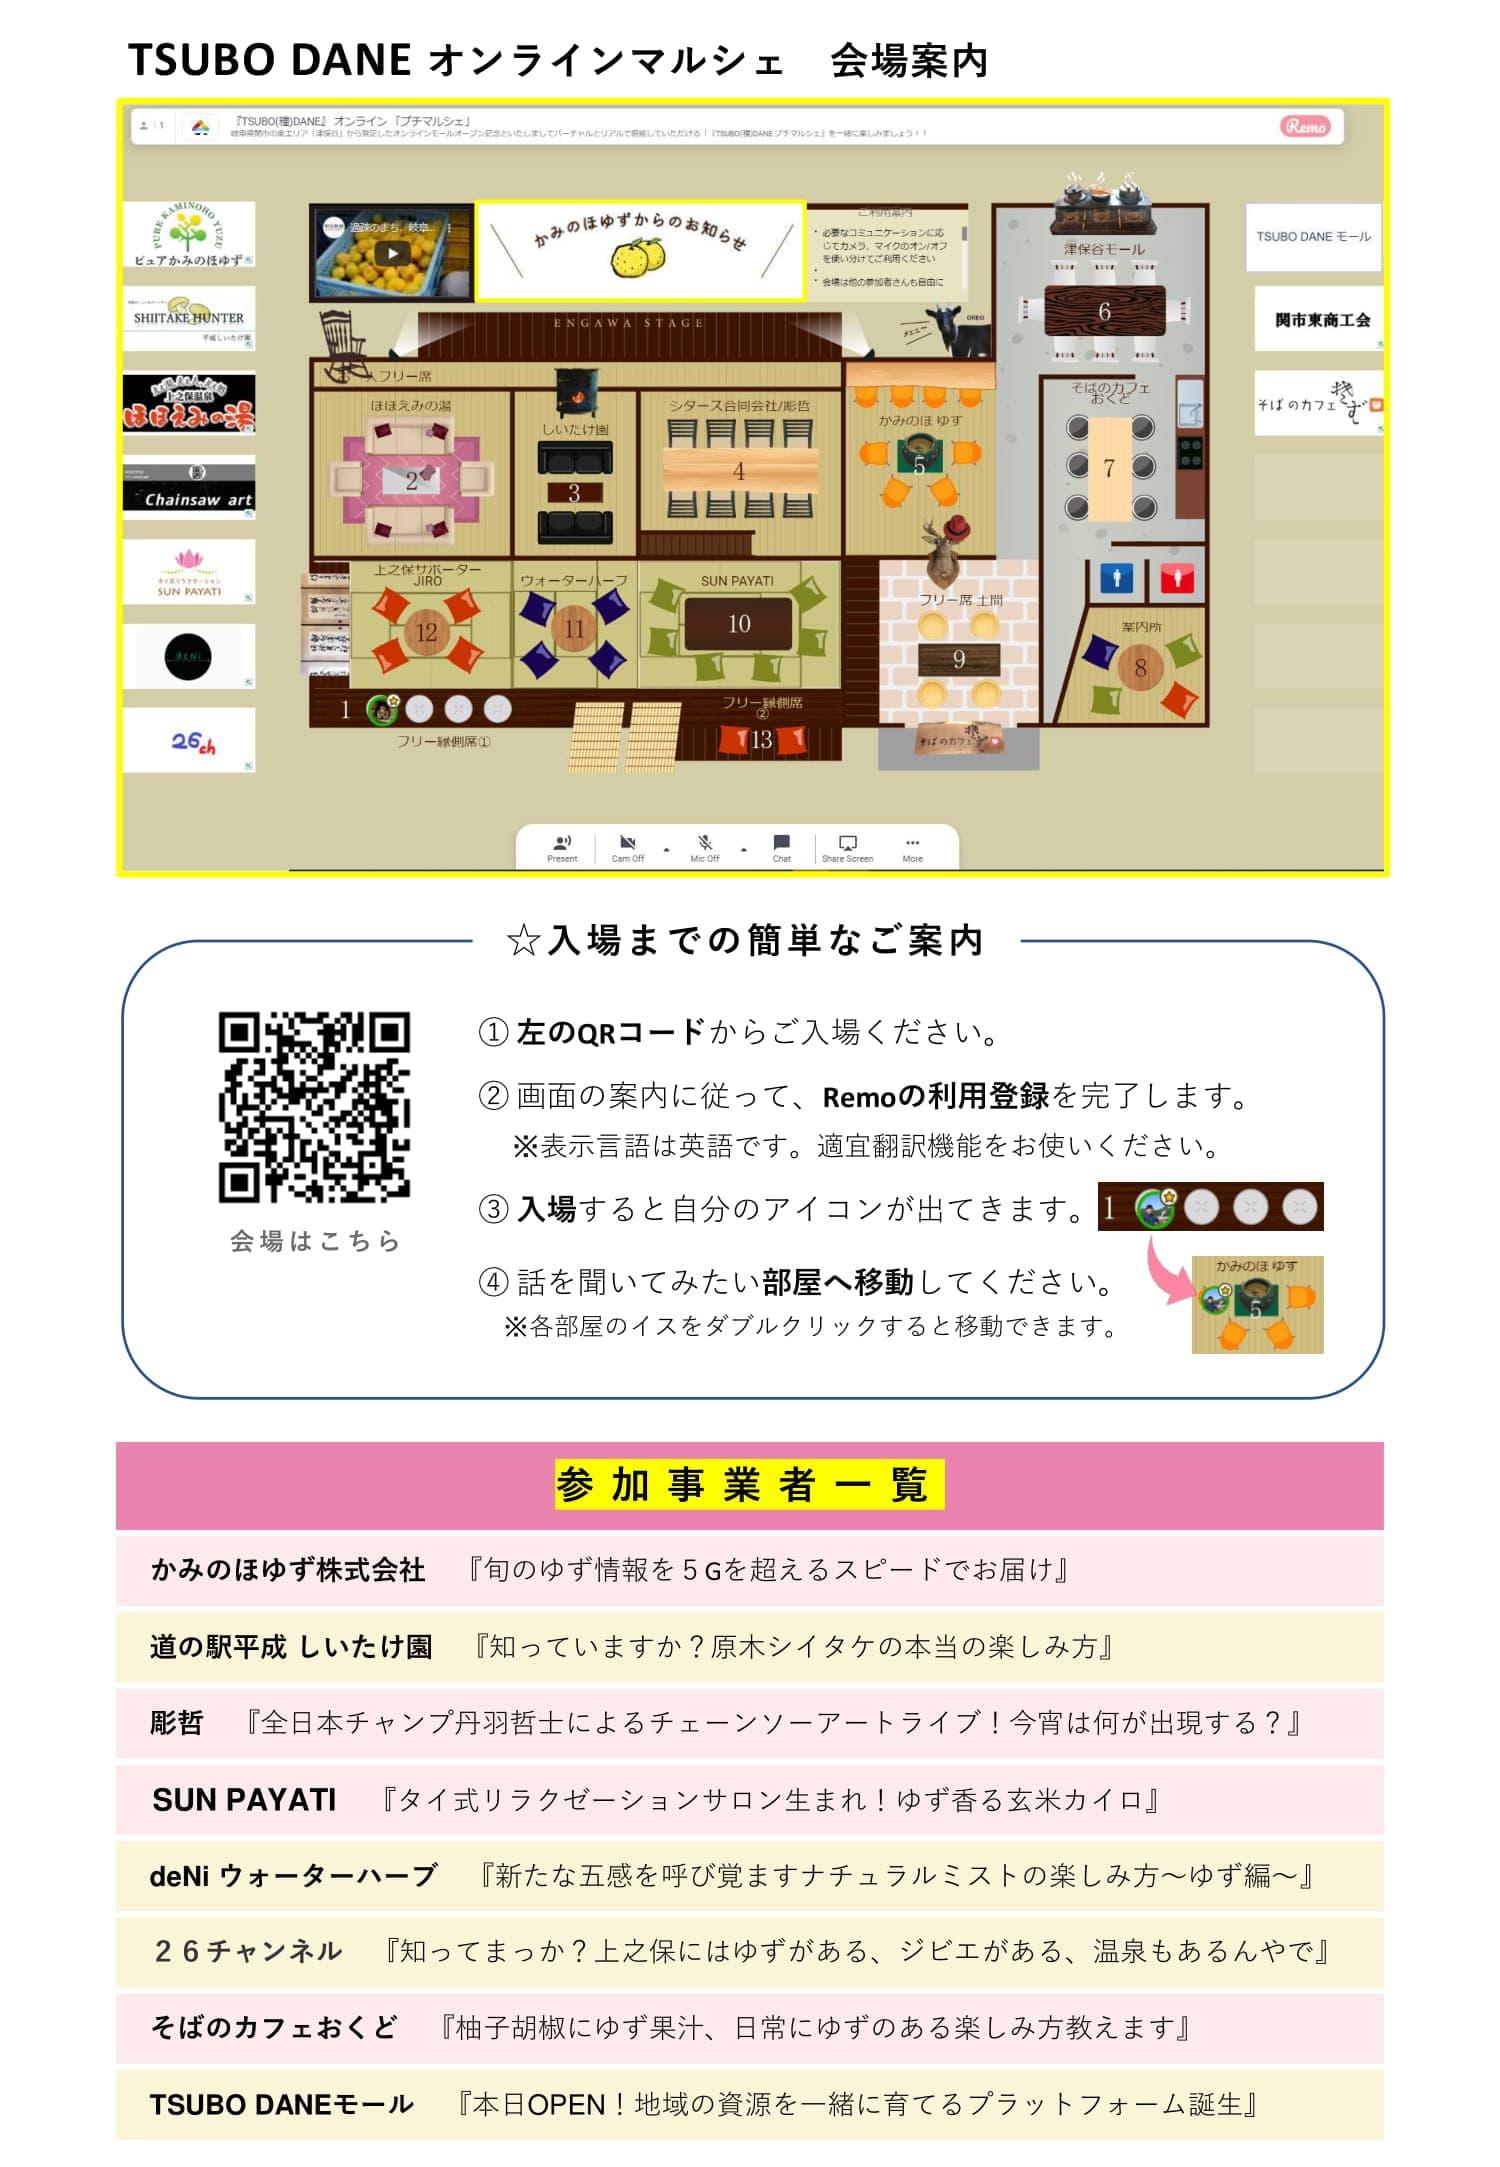 【裏】TSUBODANEモールオープン記念イベントチラシ